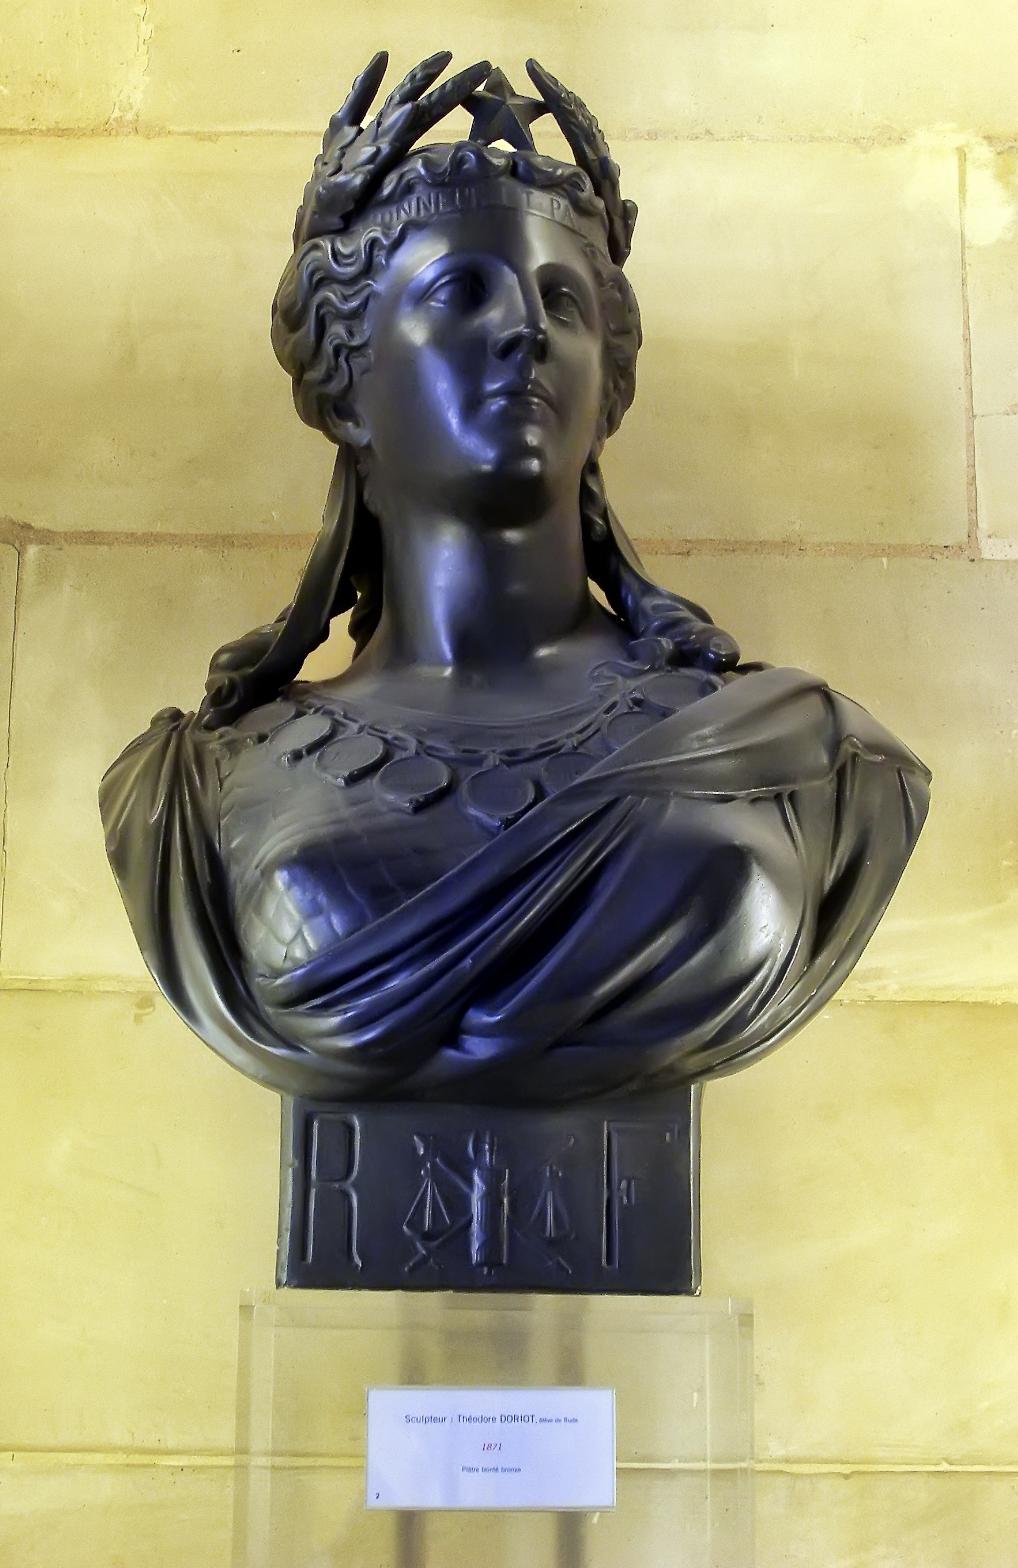 Byste av Marianne i det franske senatet. Kunstner: Théodore Doriot.